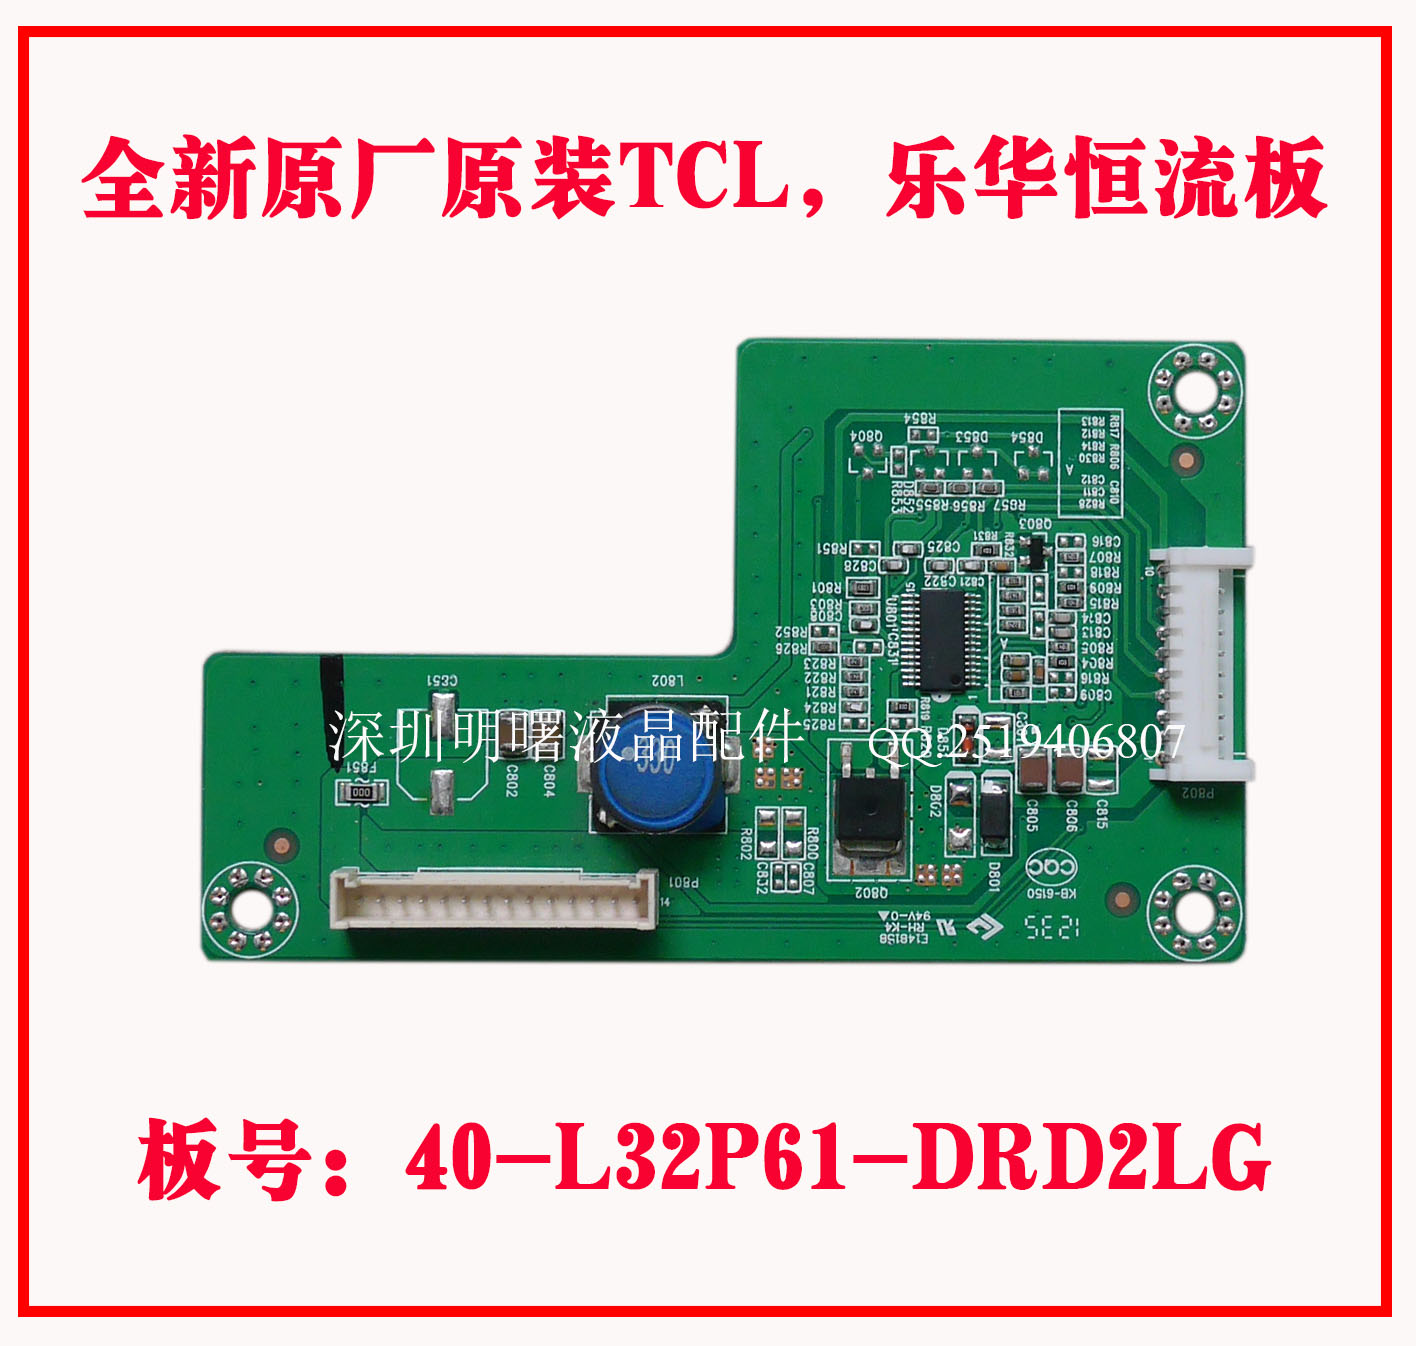 Абсолютно новый оригинальный TCL/ музыка цветущий   L32W3212 LED32C350  40-L32P61-DRD2LG постоянная доска